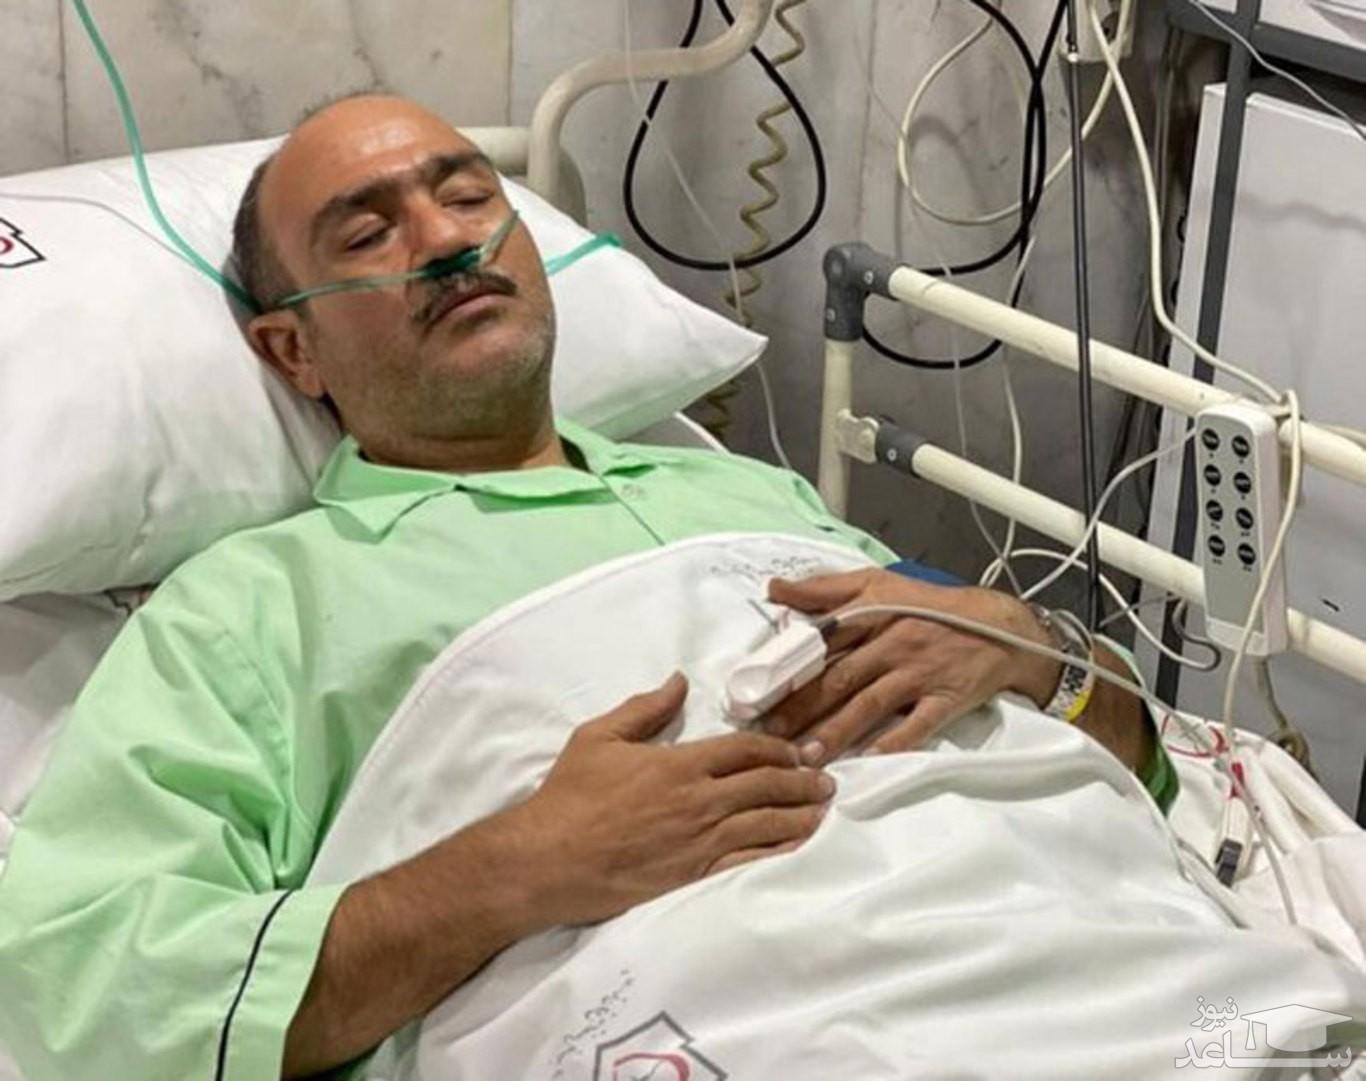 آخرین خبر از وضعیت مهران غفوریان از زبان همسرش